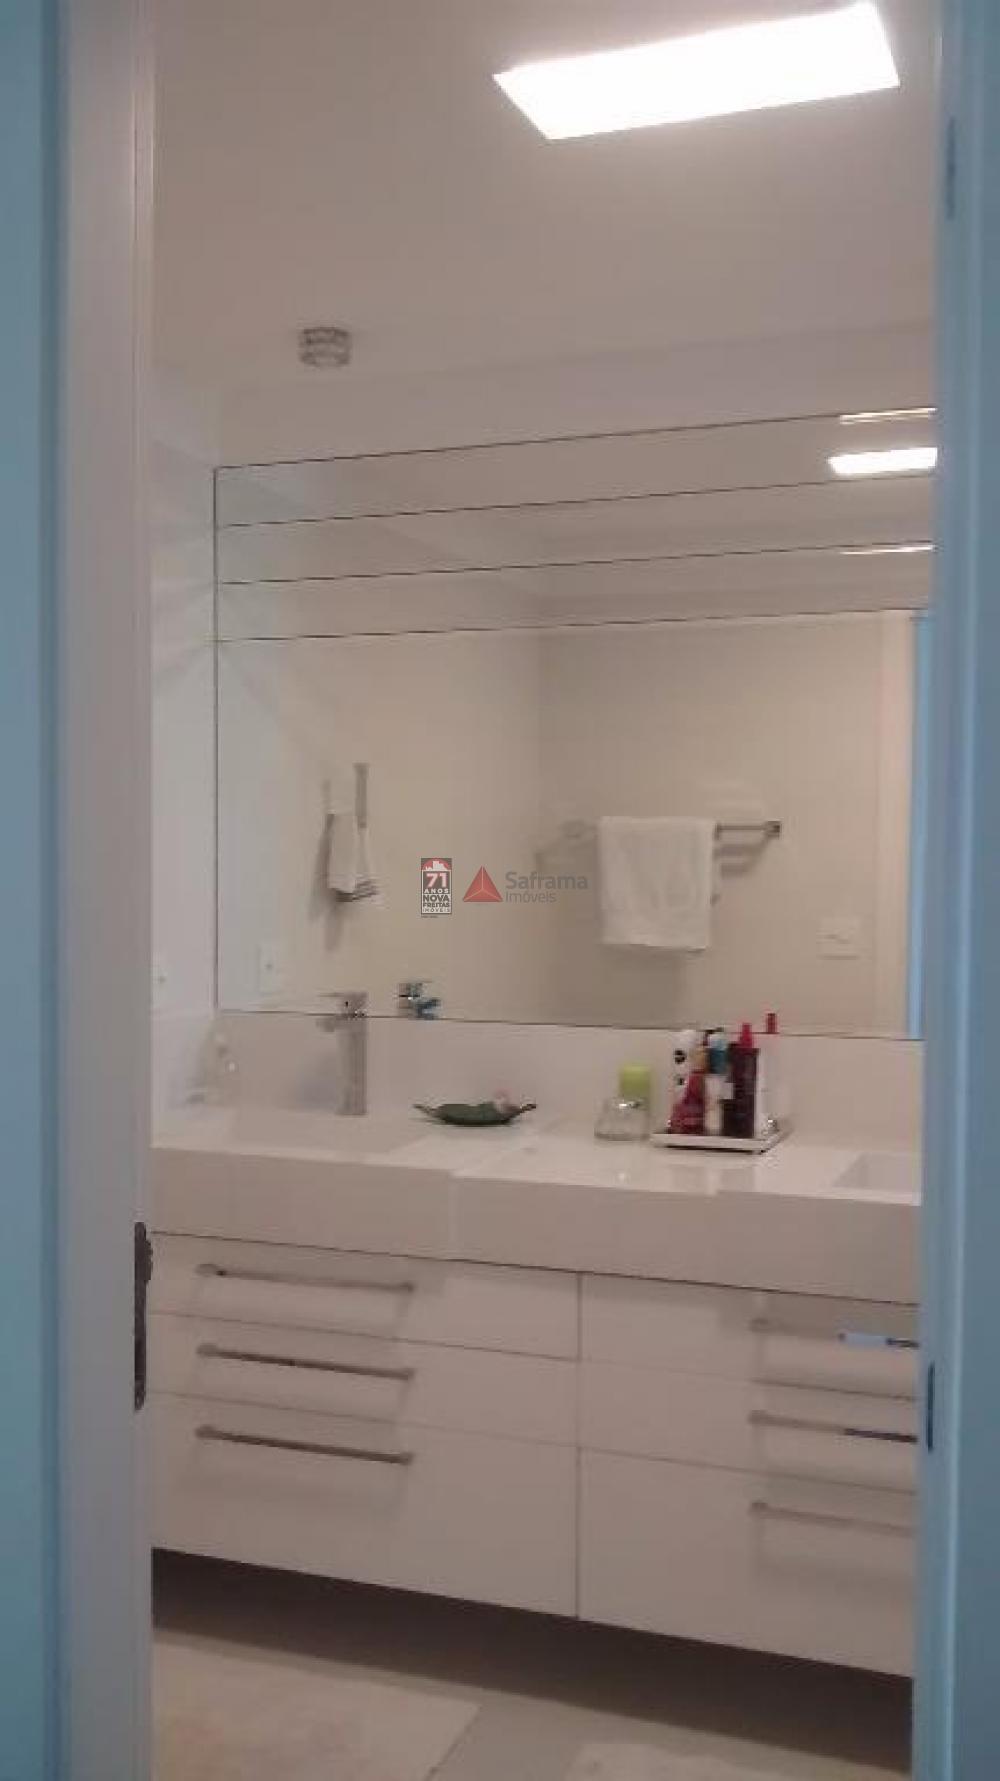 Comprar Apartamento / Padrão em São José dos Campos apenas R$ 1.650.000,00 - Foto 19